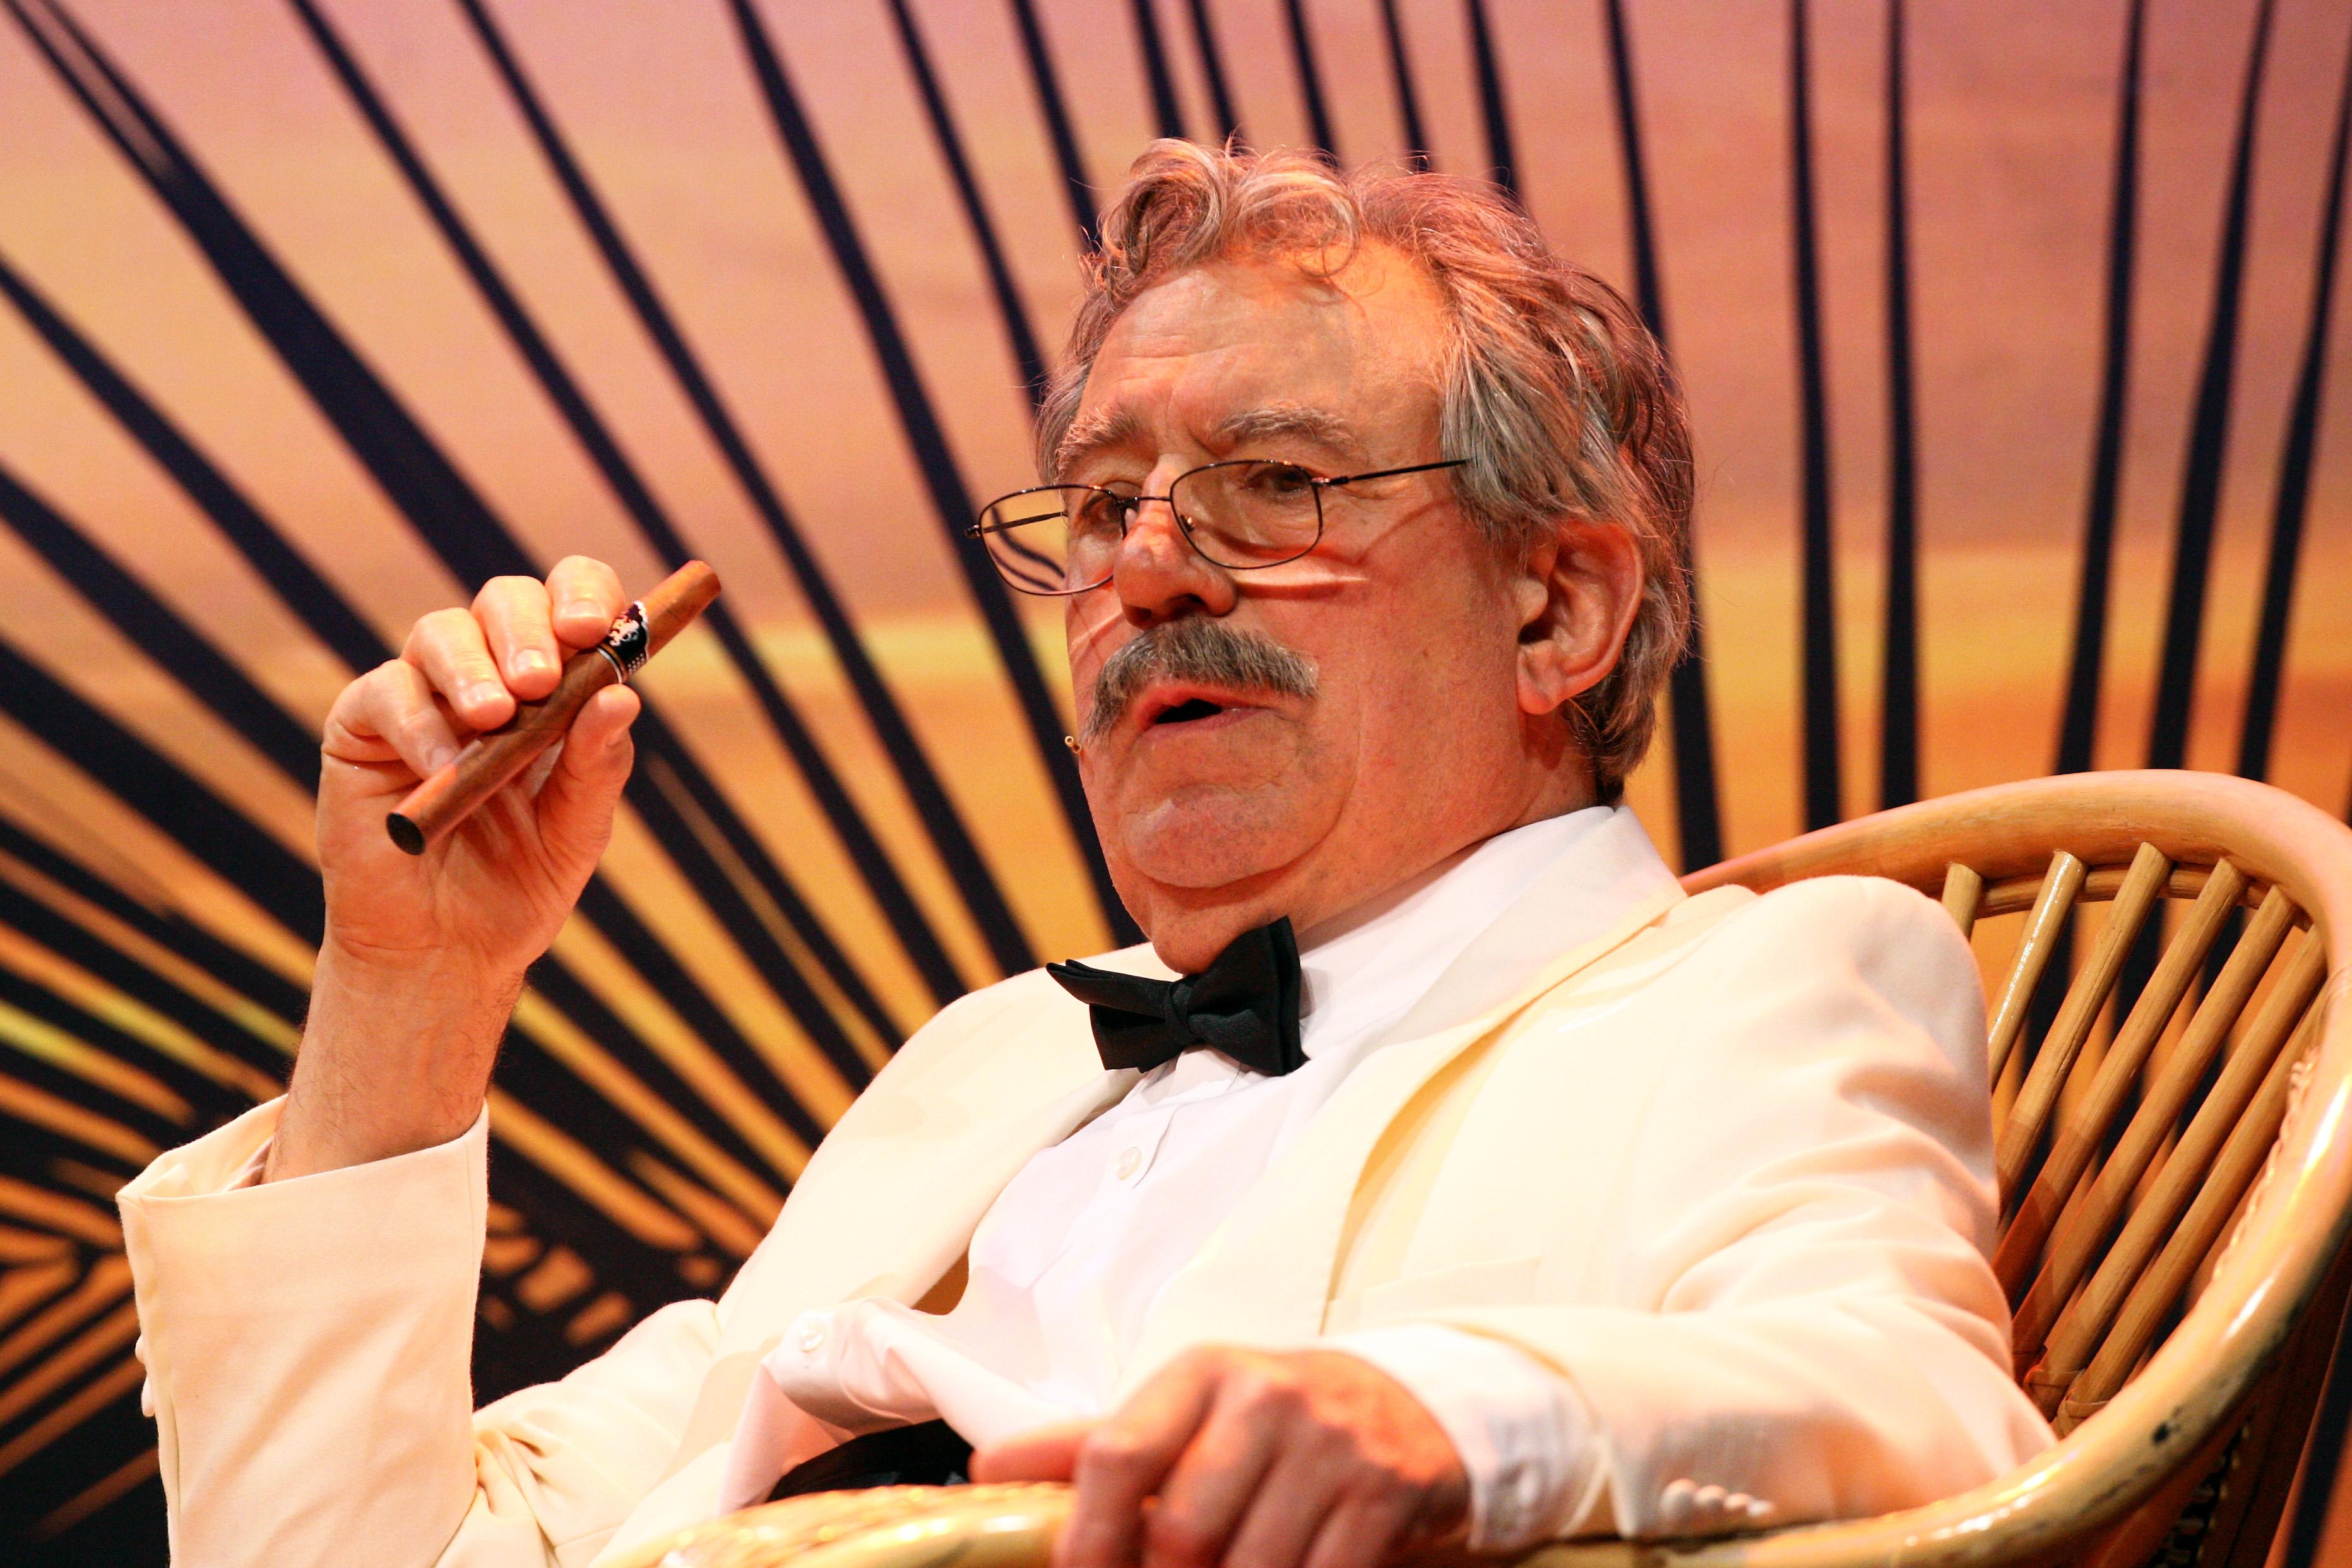 Demenciát állapítottak meg a Monty Python egyik alapítójánál